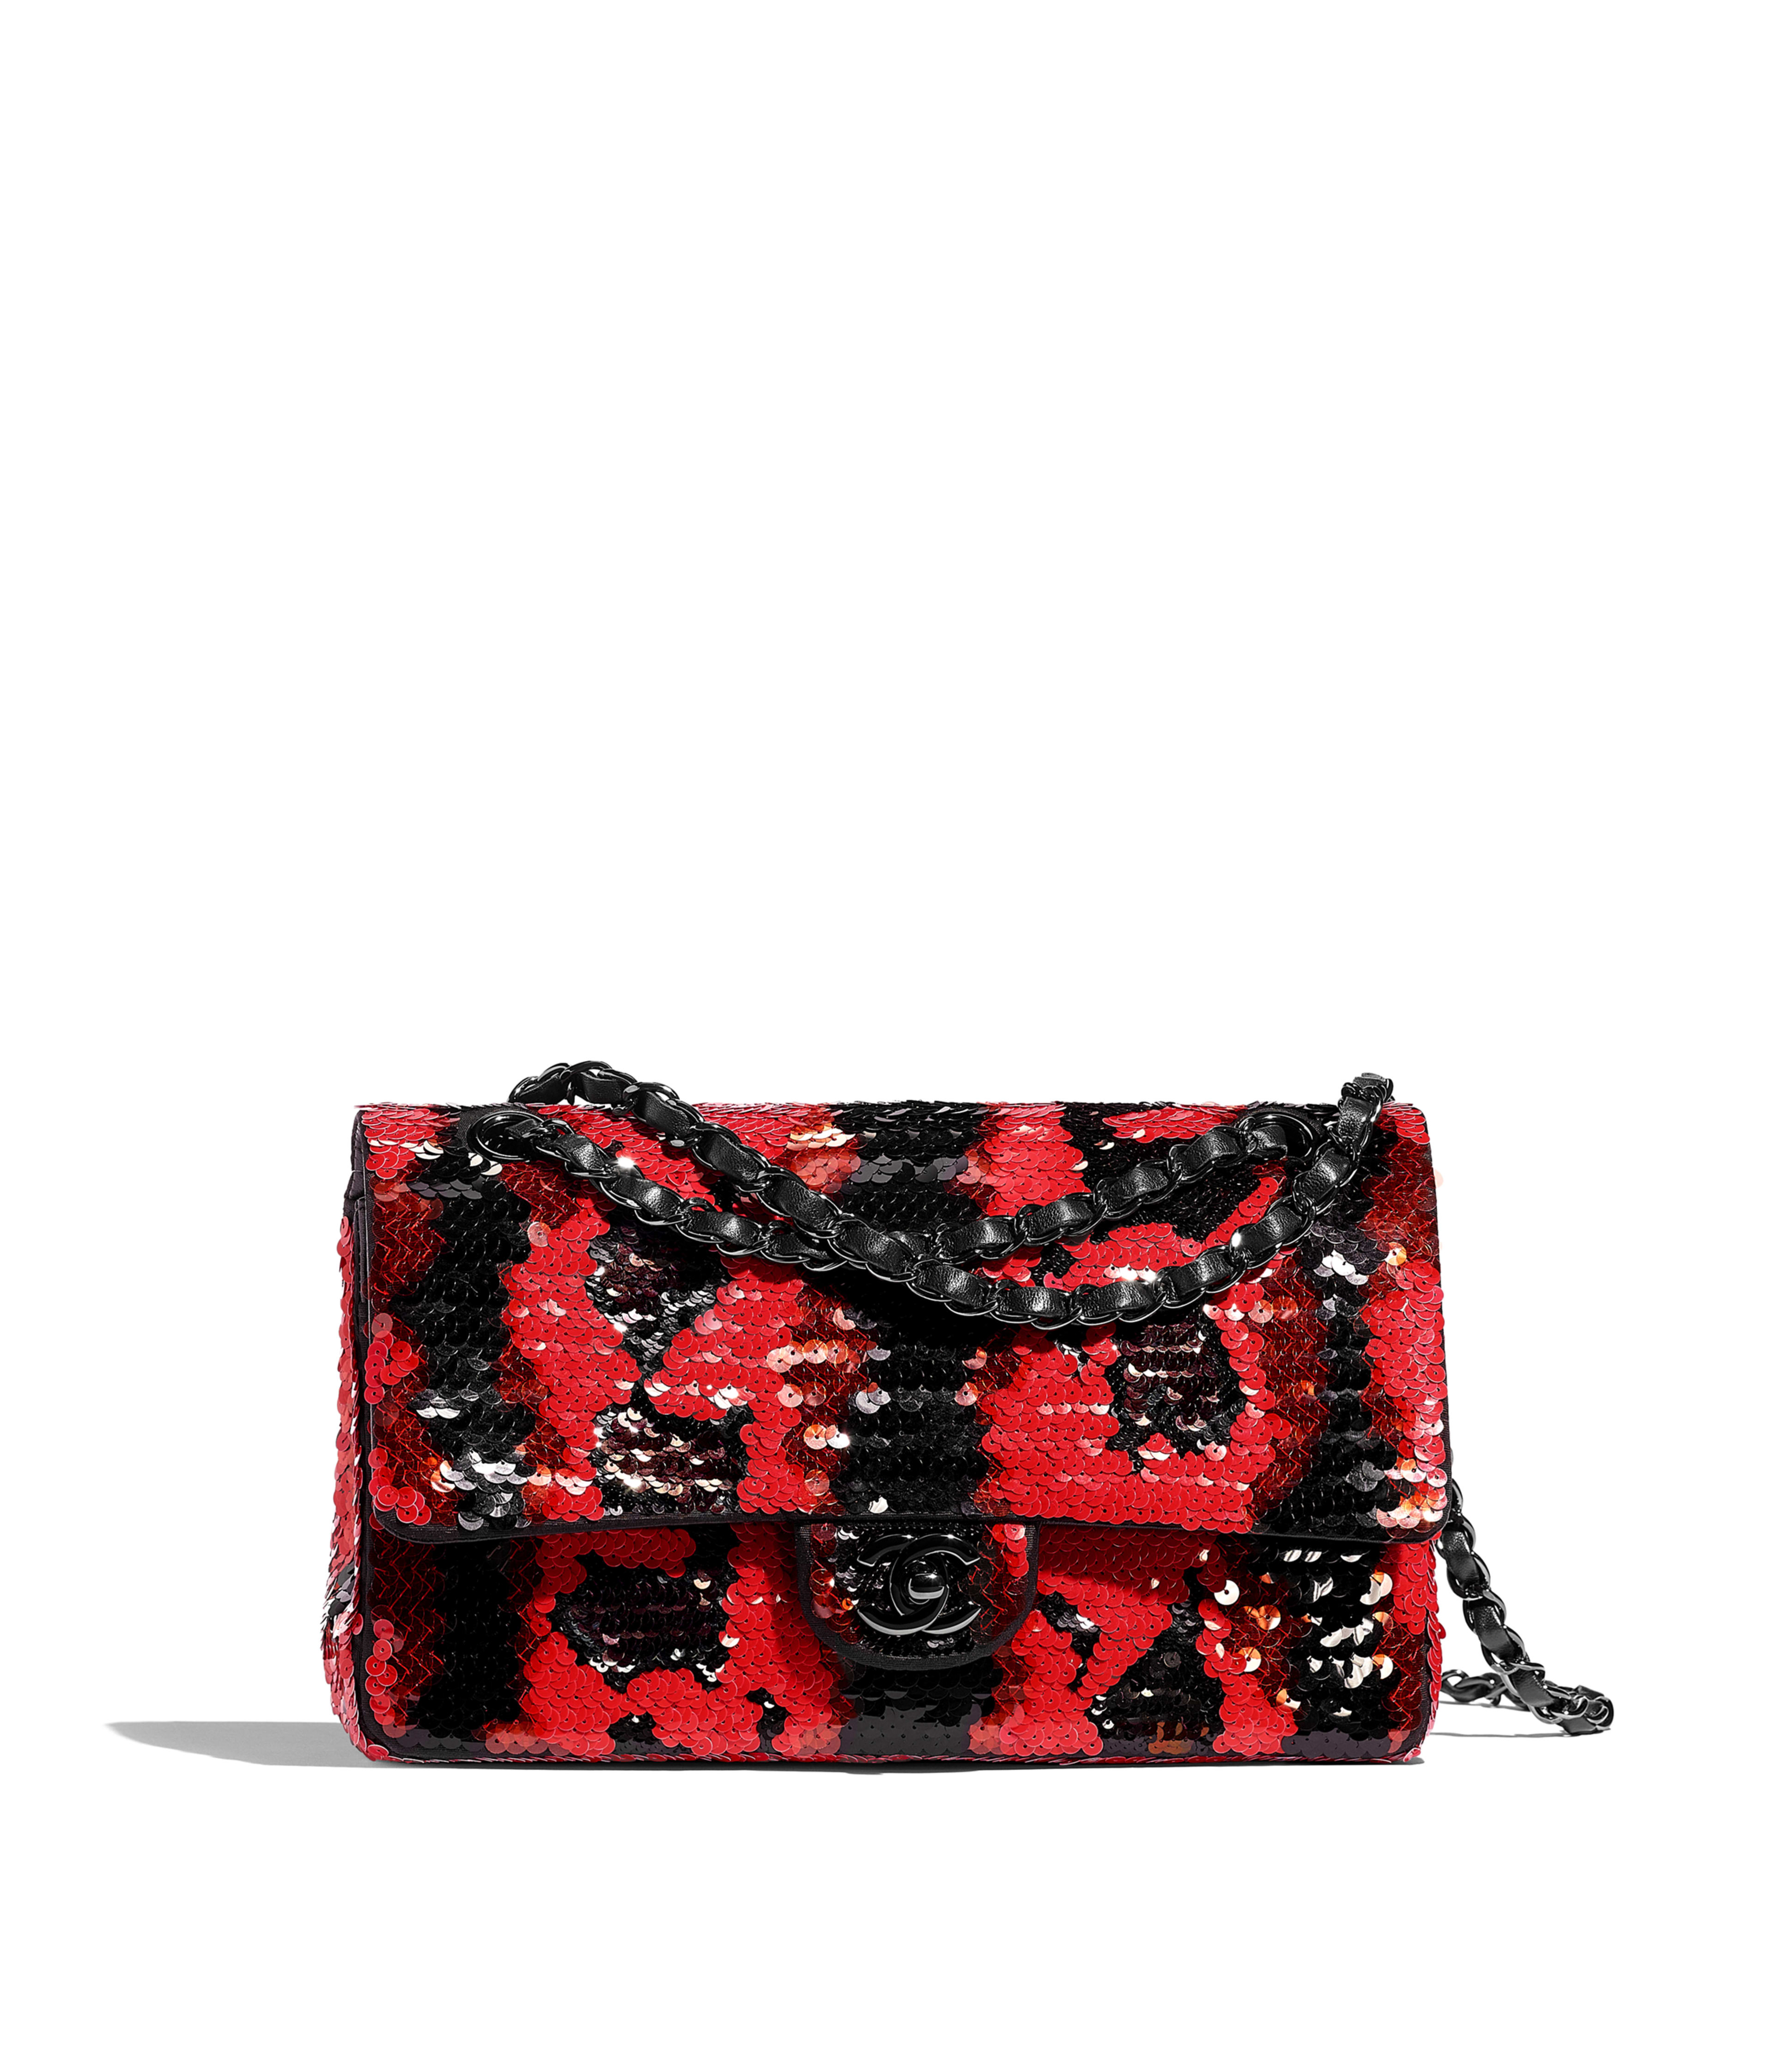 52f49ca012301e Classic Handbag Sequins & Black Metal, Red & Black Ref. A01112B01037N4744